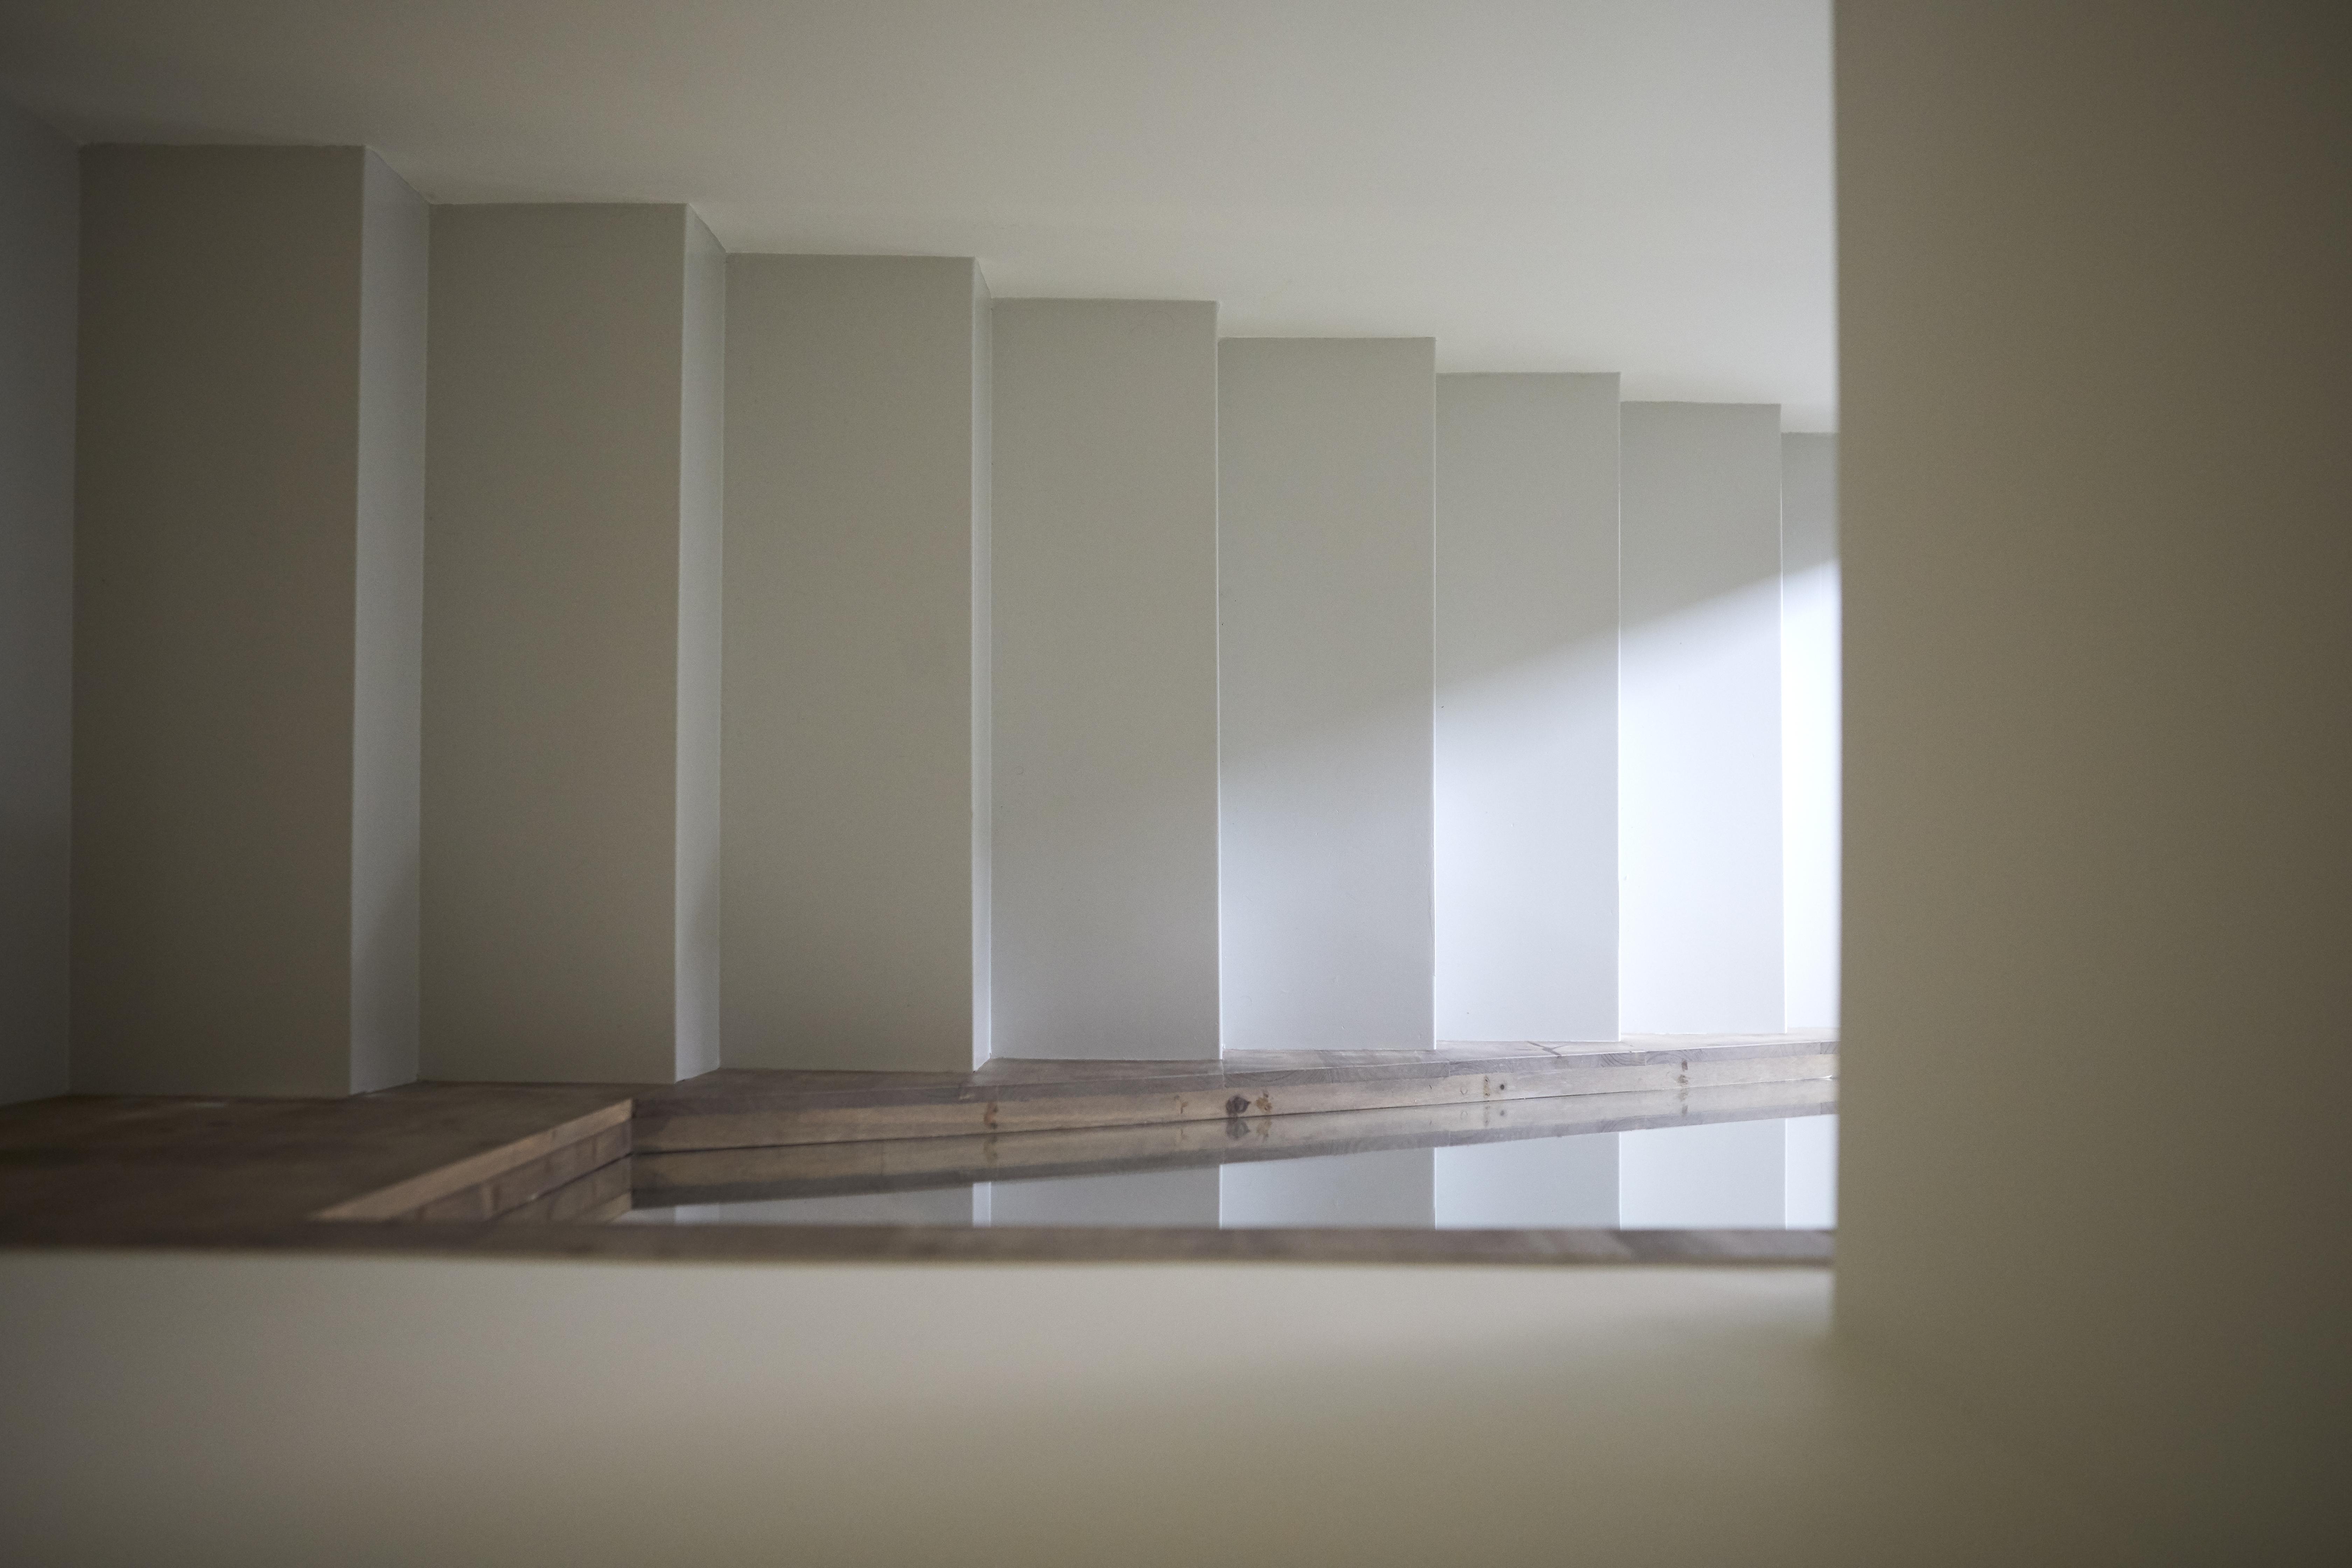 Il corrimano della scala contrasta con gli scalini